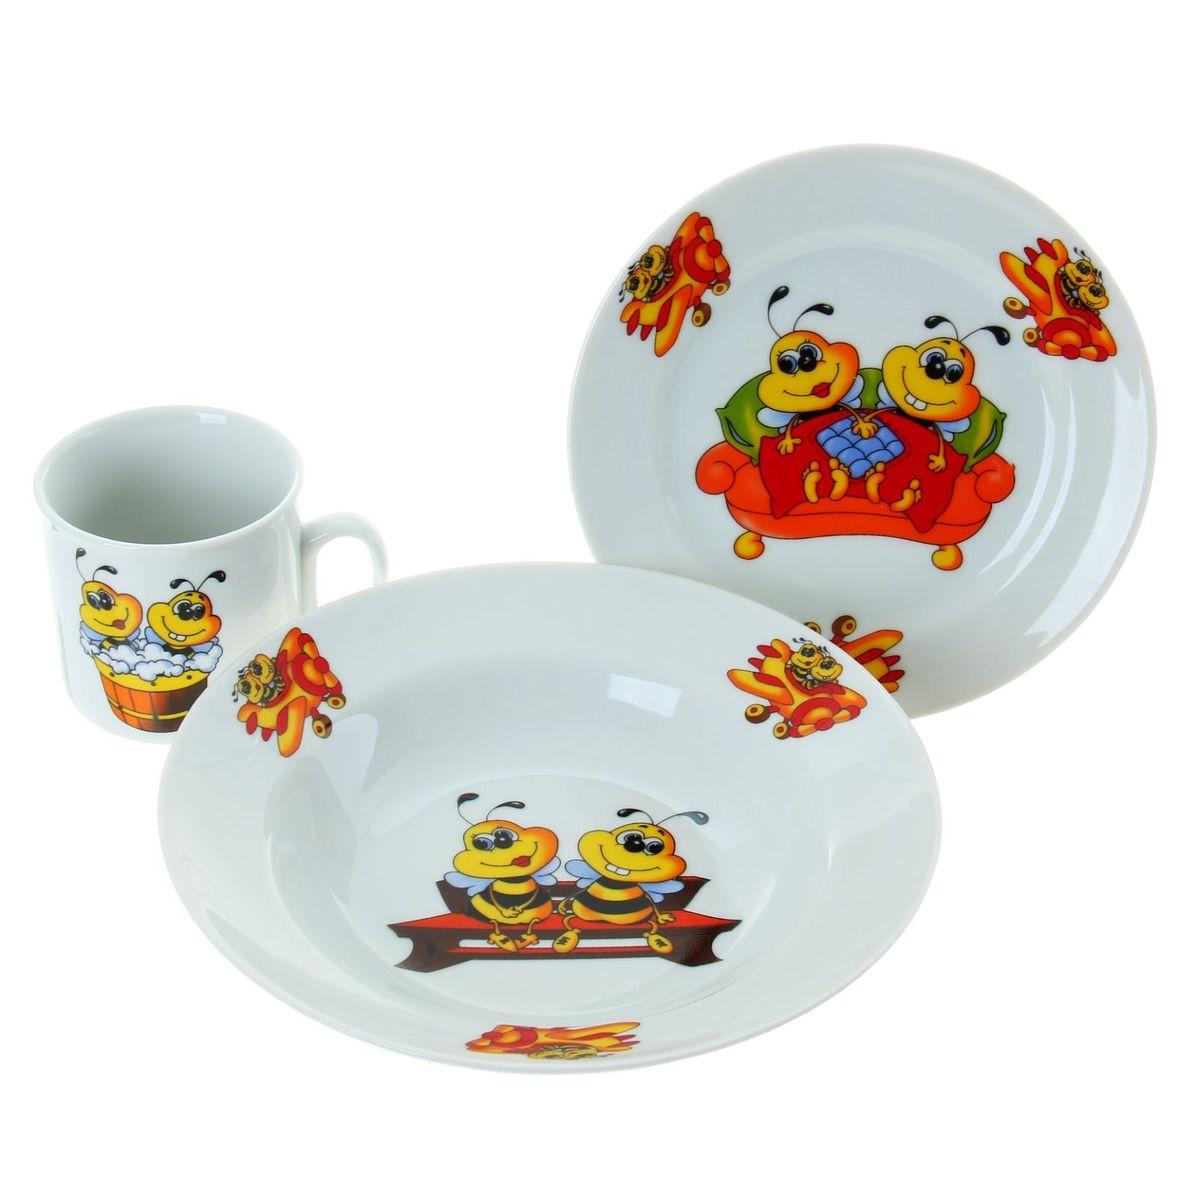 Набор посуды Идиллия. Пчелы, 3 предмета. 65354 009312кружка 200 мл, 1 шт.;десертная тарелка 170 мм, 1 шт.;салатник 360 мл, 1 шт.